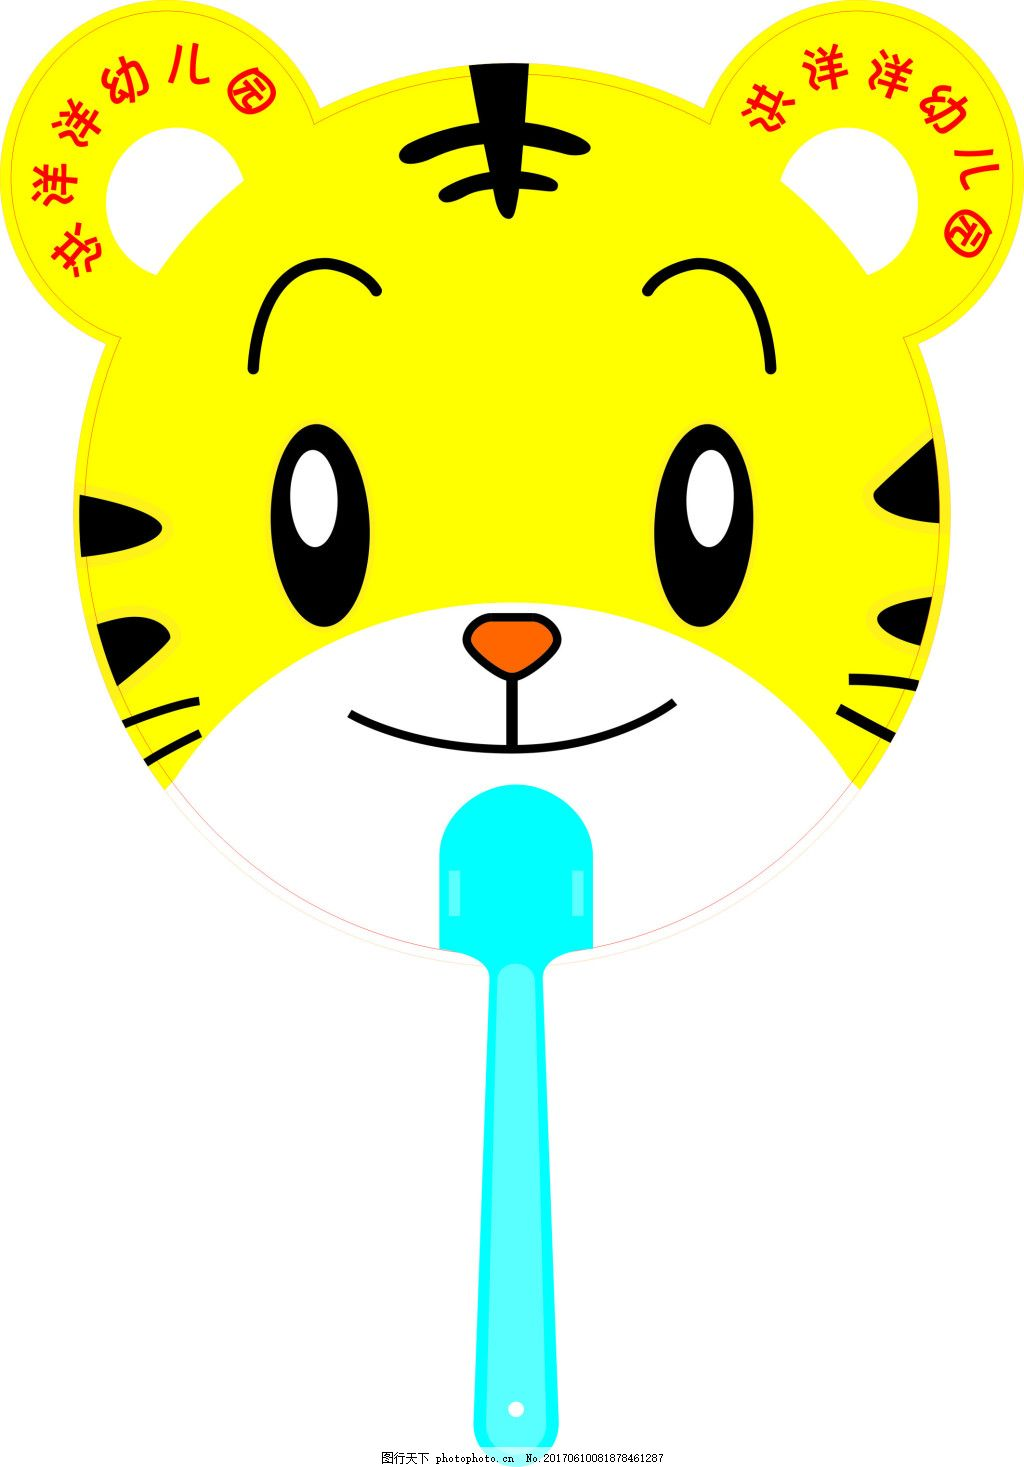 扇子免费下载 模型扇子 免费下载 黄色 可爱 小老虎